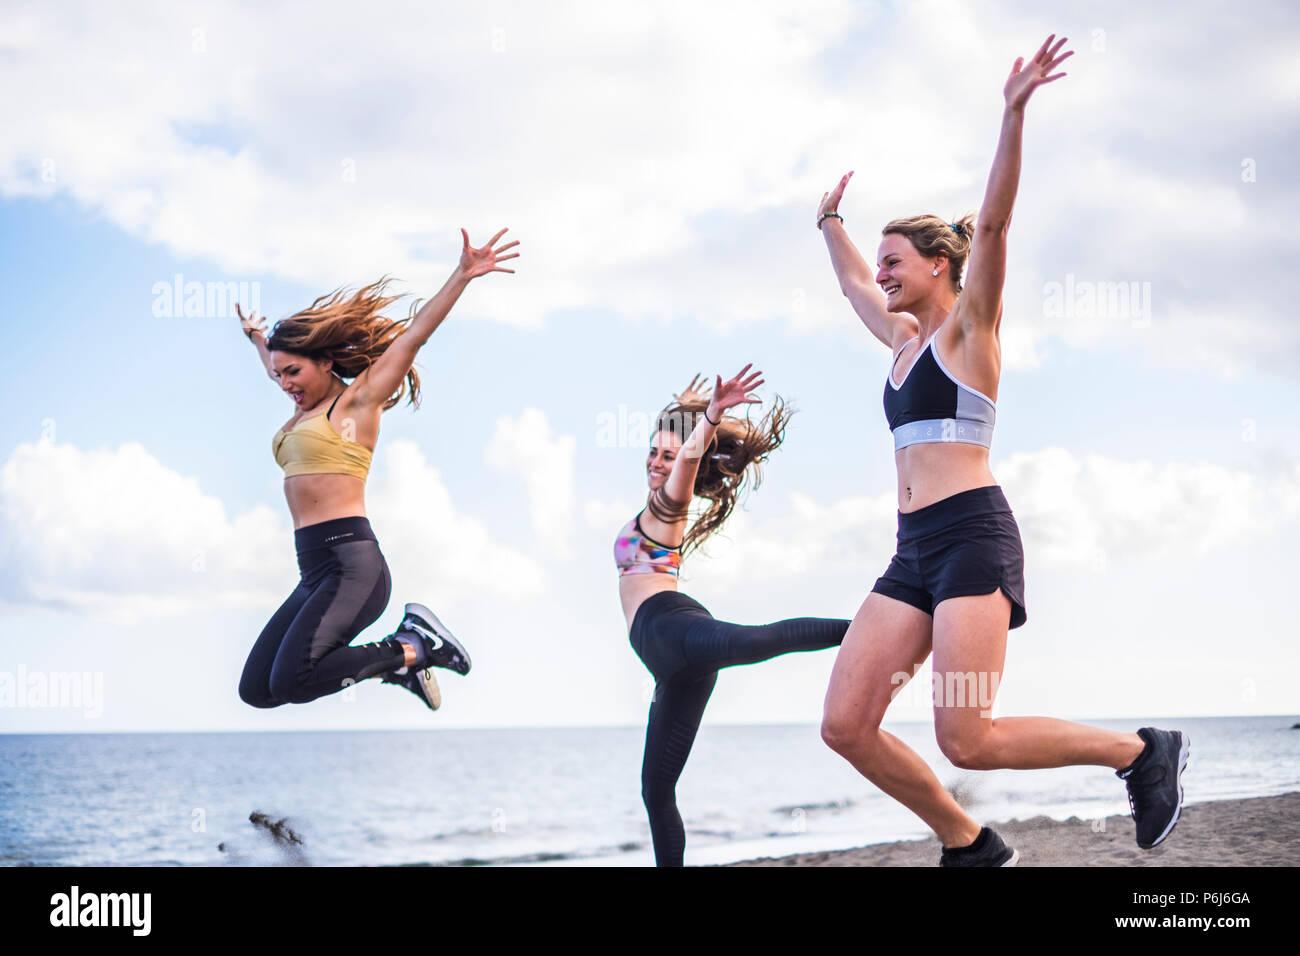 Drei schöne Bodie cacuasian Mädchen springen am Strand tun, fintess Workout. Outdoor Freizeitaktivitäten sportliche Aktivität für die Gruppe der Frauen Menschen mit ocea Stockbild